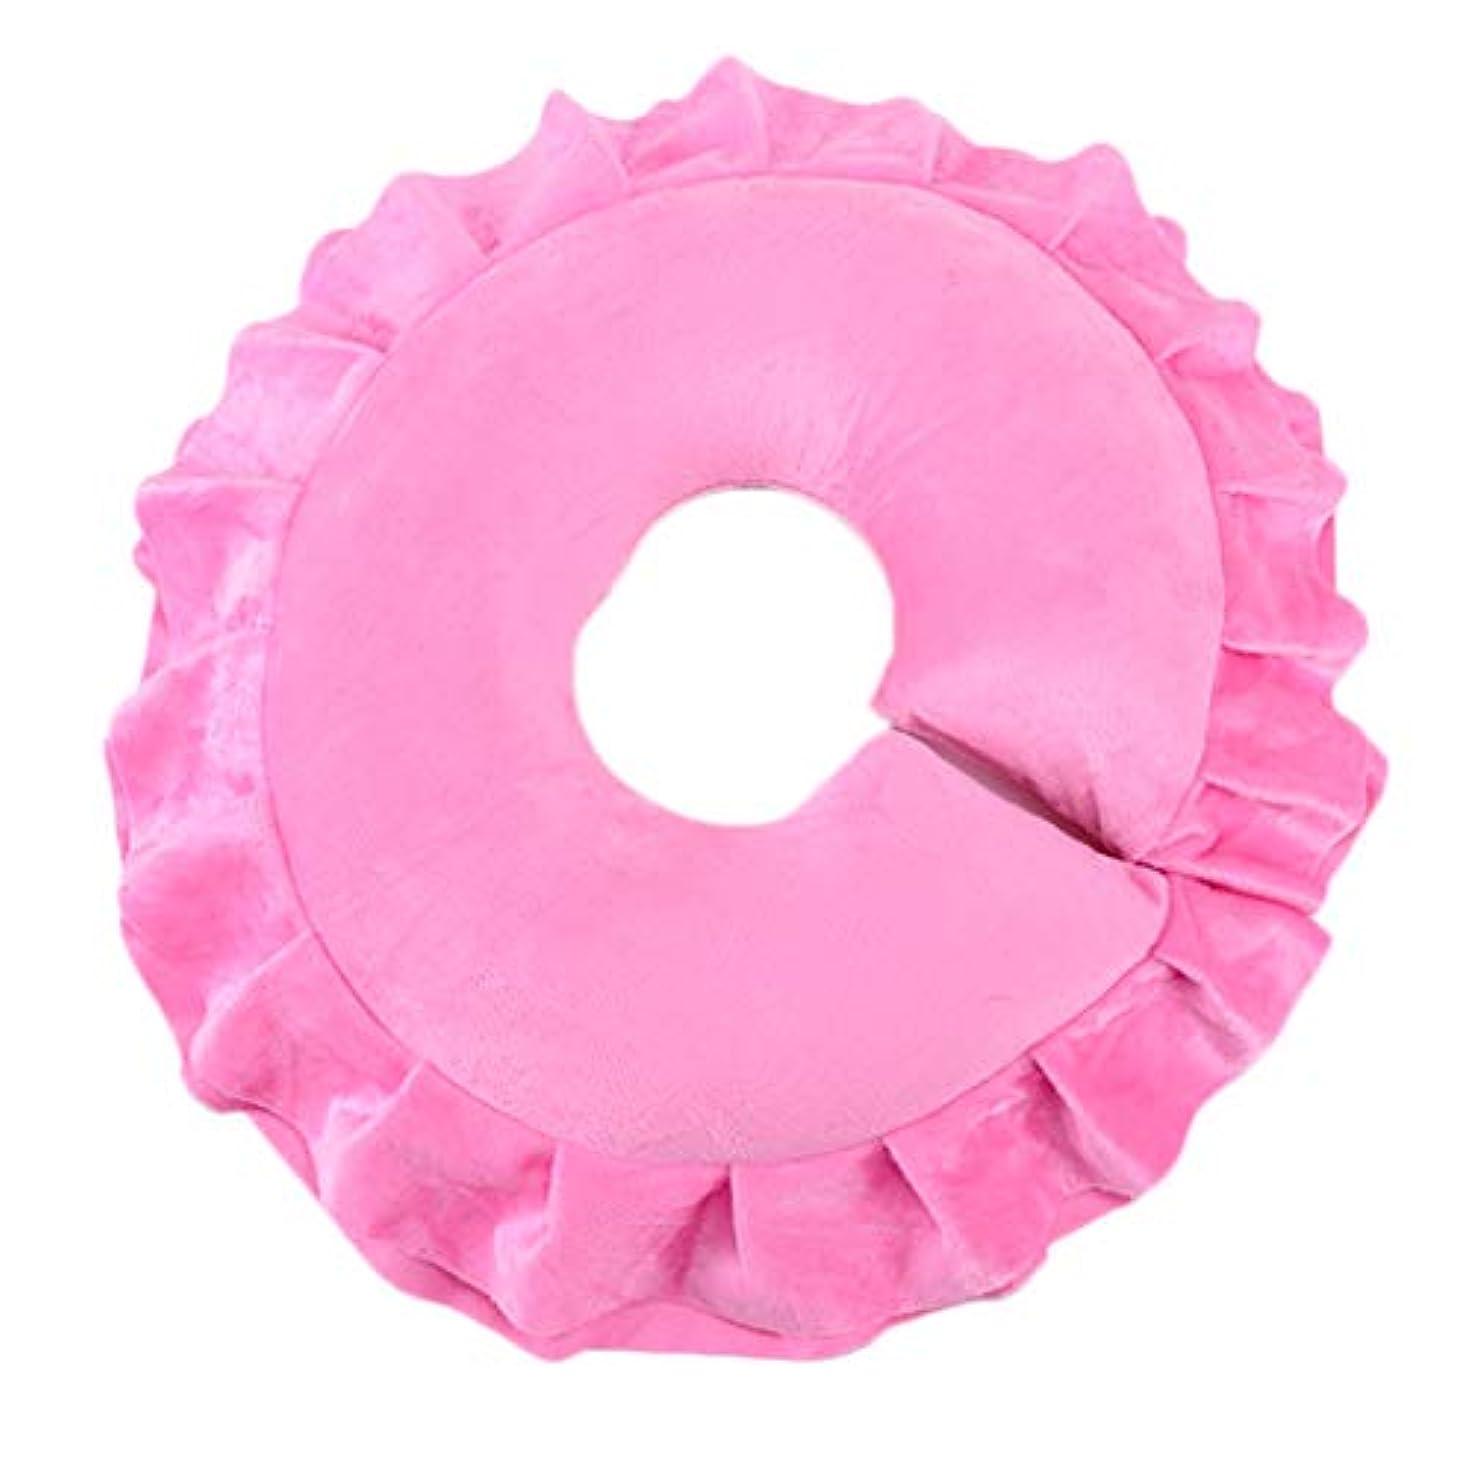 惑星顧問うがい薬フェイスクッション 顔枕 マッサージ用 マッサージピロー ボディマッサージ サロン 全4色 - ピンク